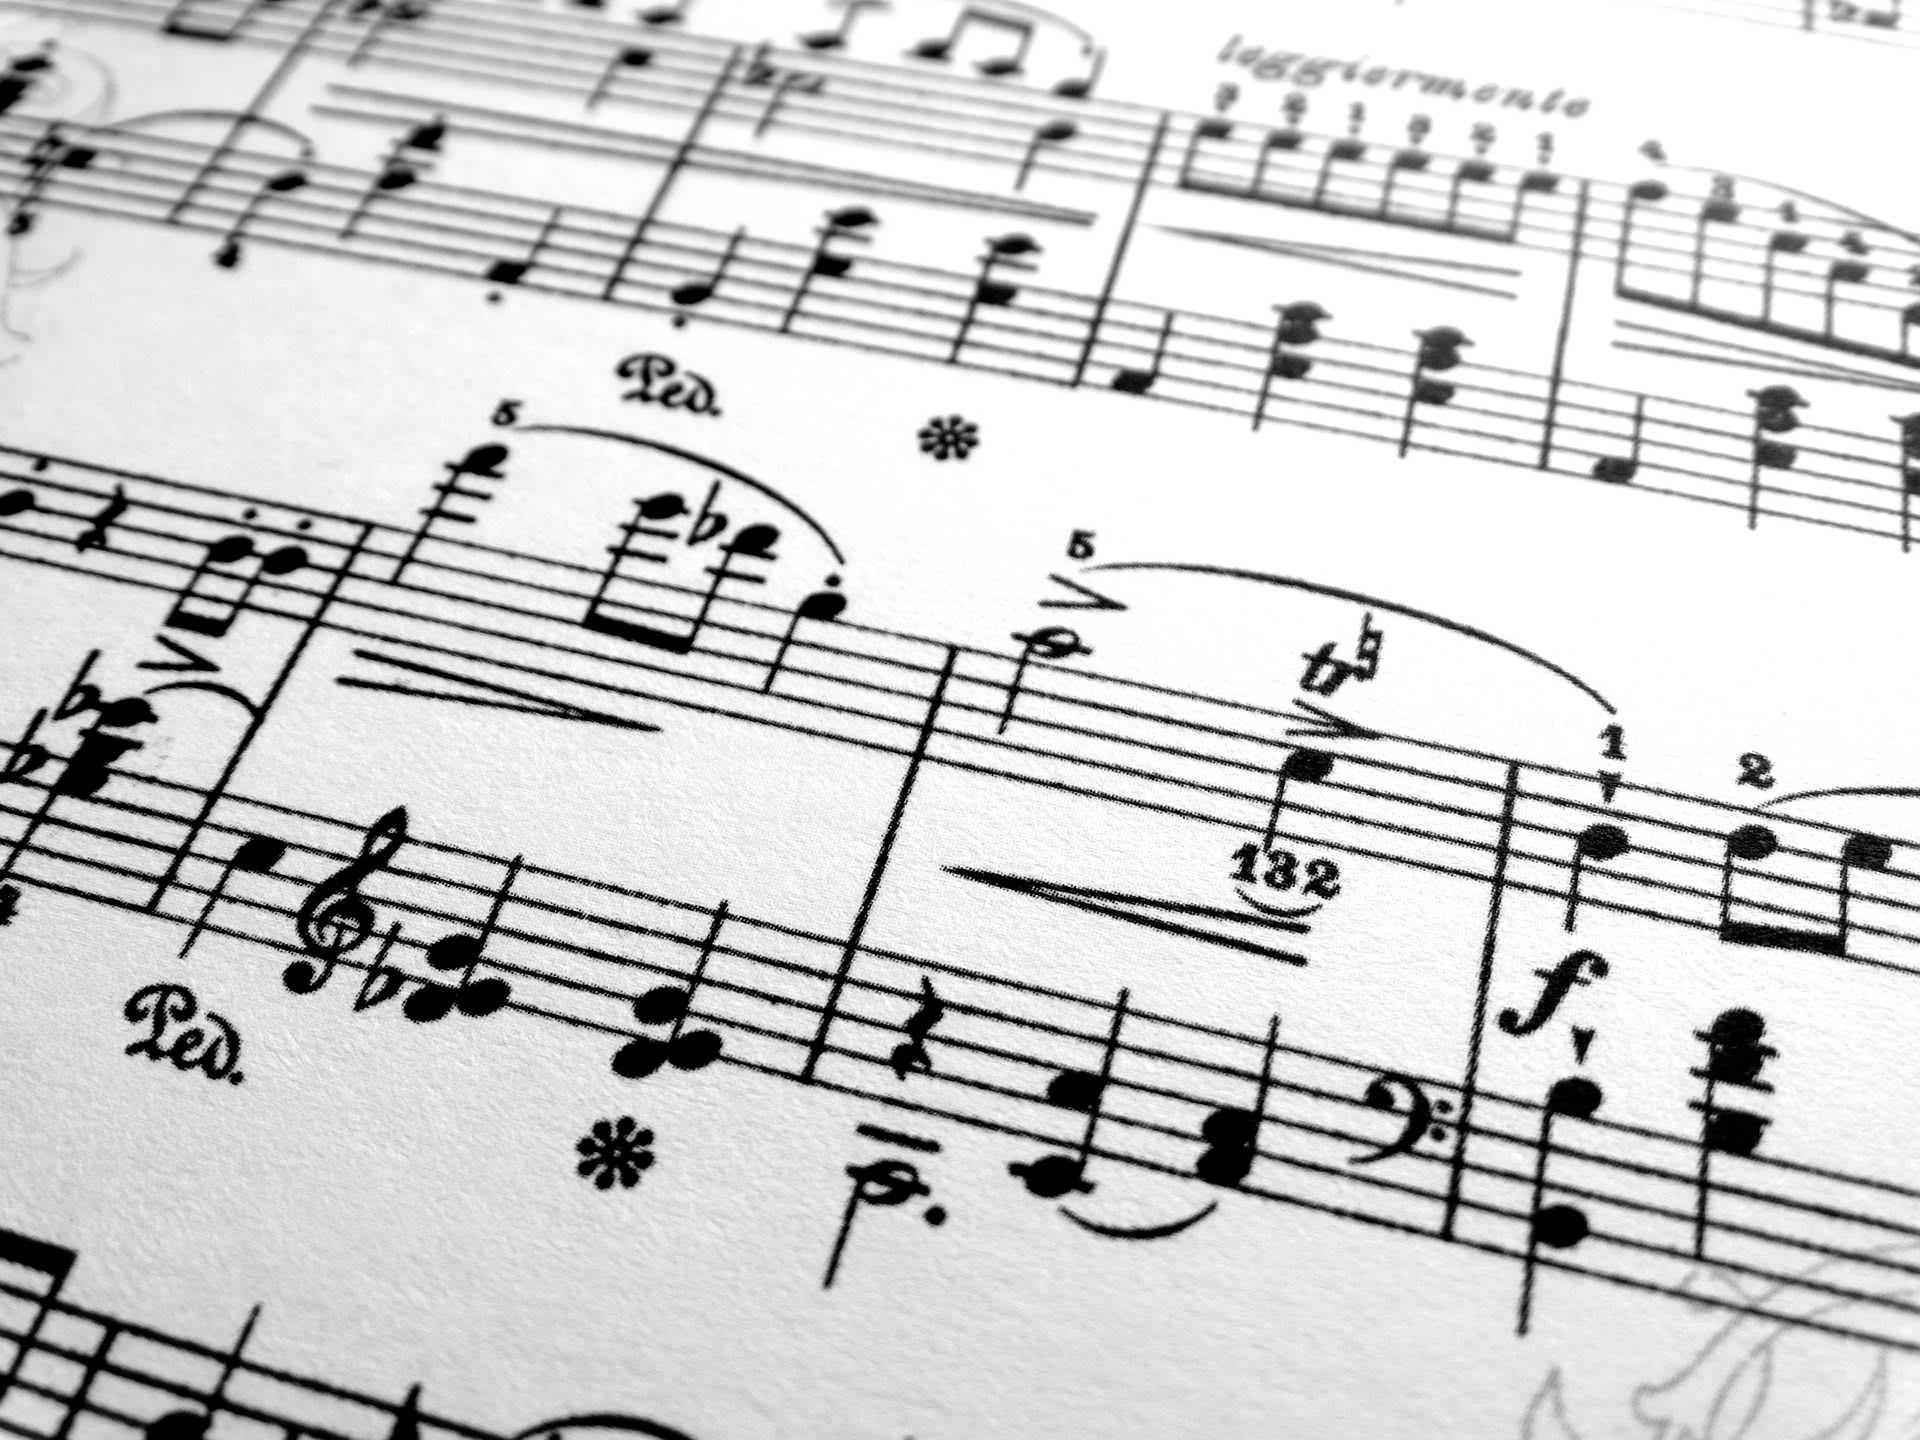 Komposition lernen: Kompositions-Unterricht an der JMS